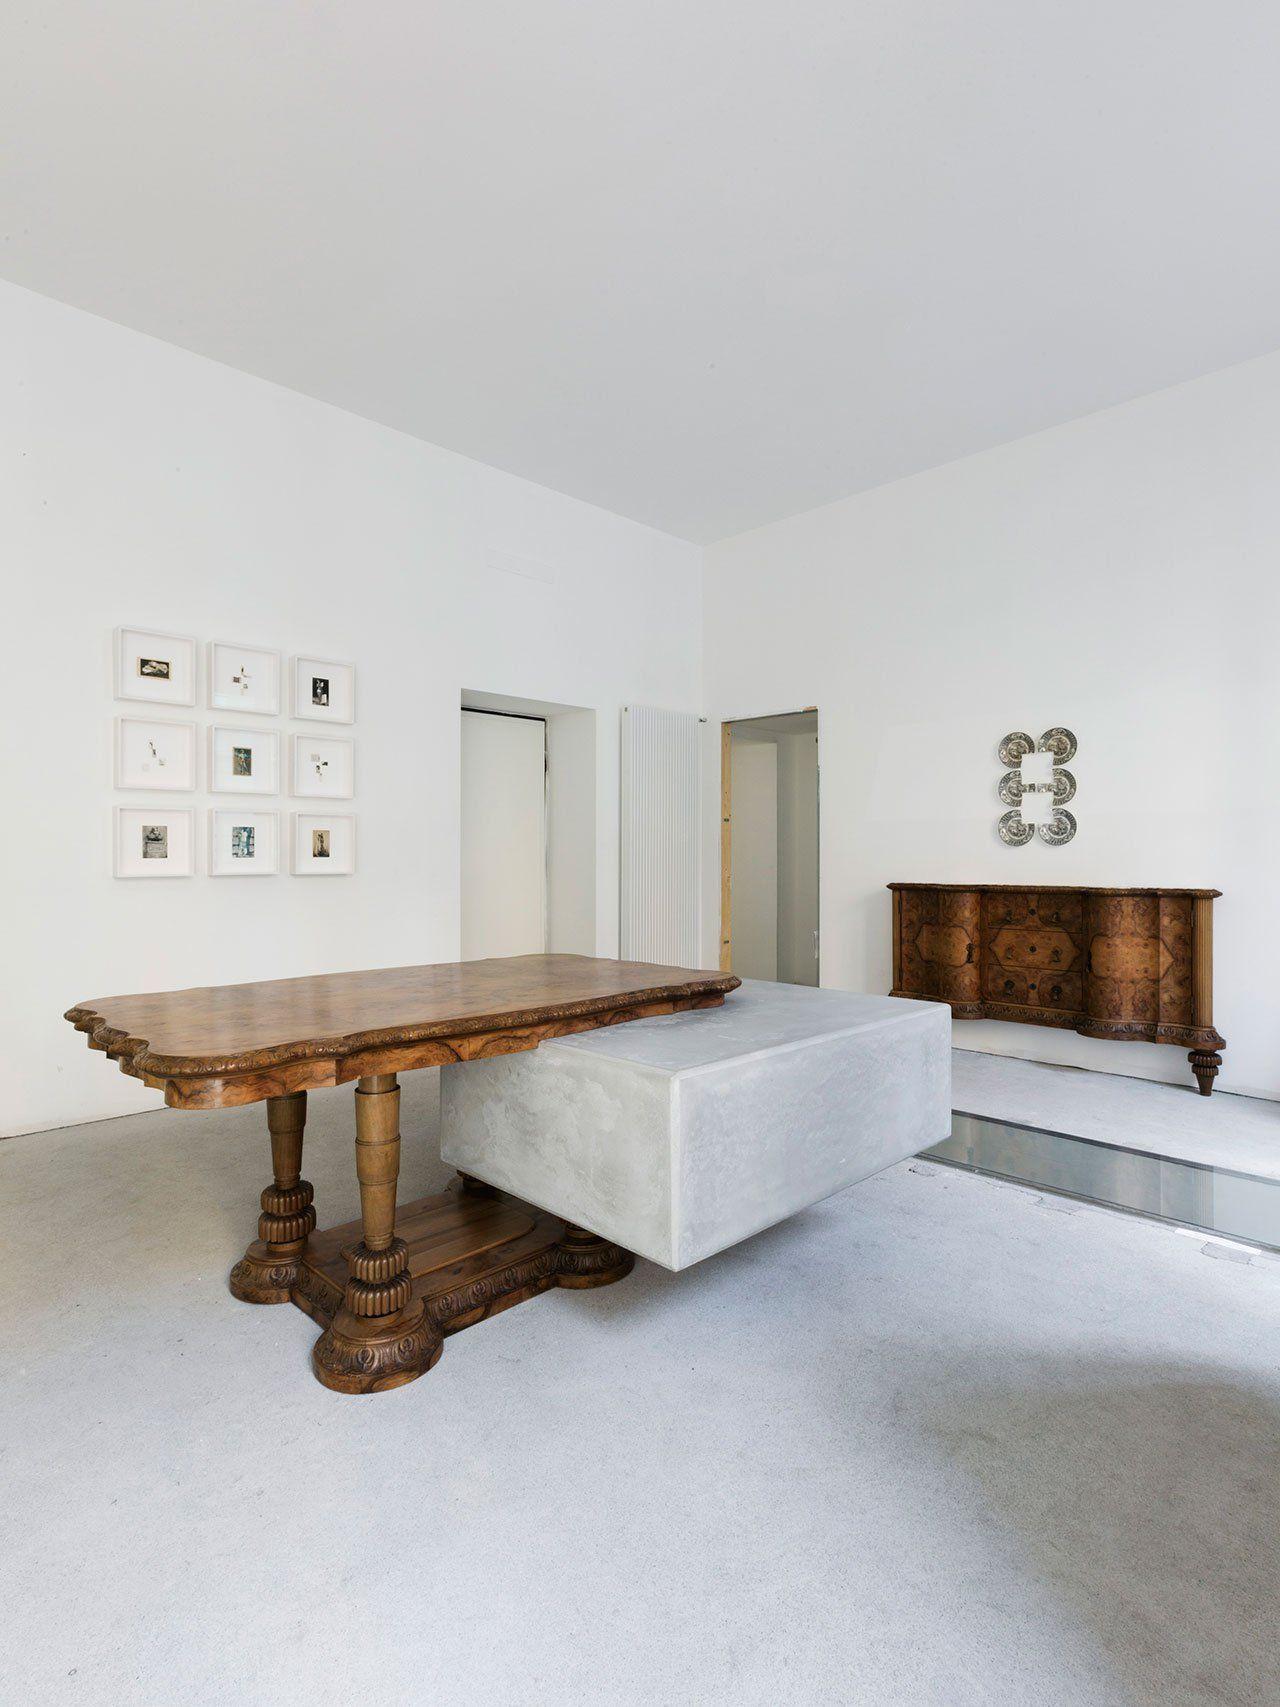 Attirant Nucleo (Piergiorgio Robino + Marzia Ricci), U201cBooleanu201d And (Table), 2017.  Concrete, Vintage Furniture, 204 X 142 X 80h Cm. Unique Piece.